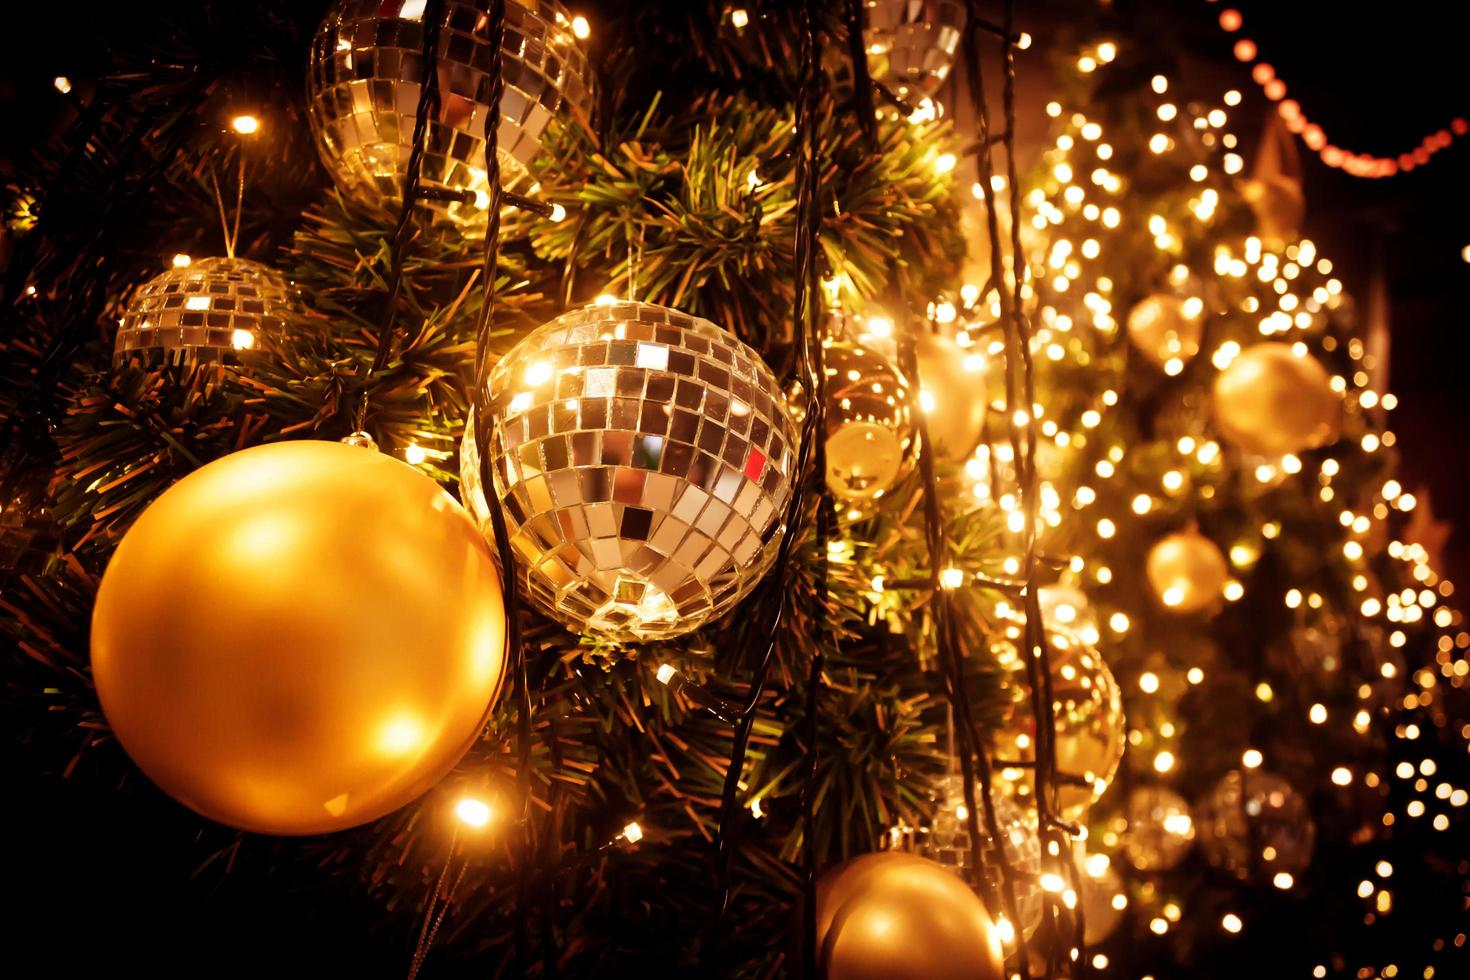 Immagini Natalizie Gratuite.Albero Di Natale Con La Palla D Oro E Le Luci Del Bokeh 1376940 Foto D Archivio